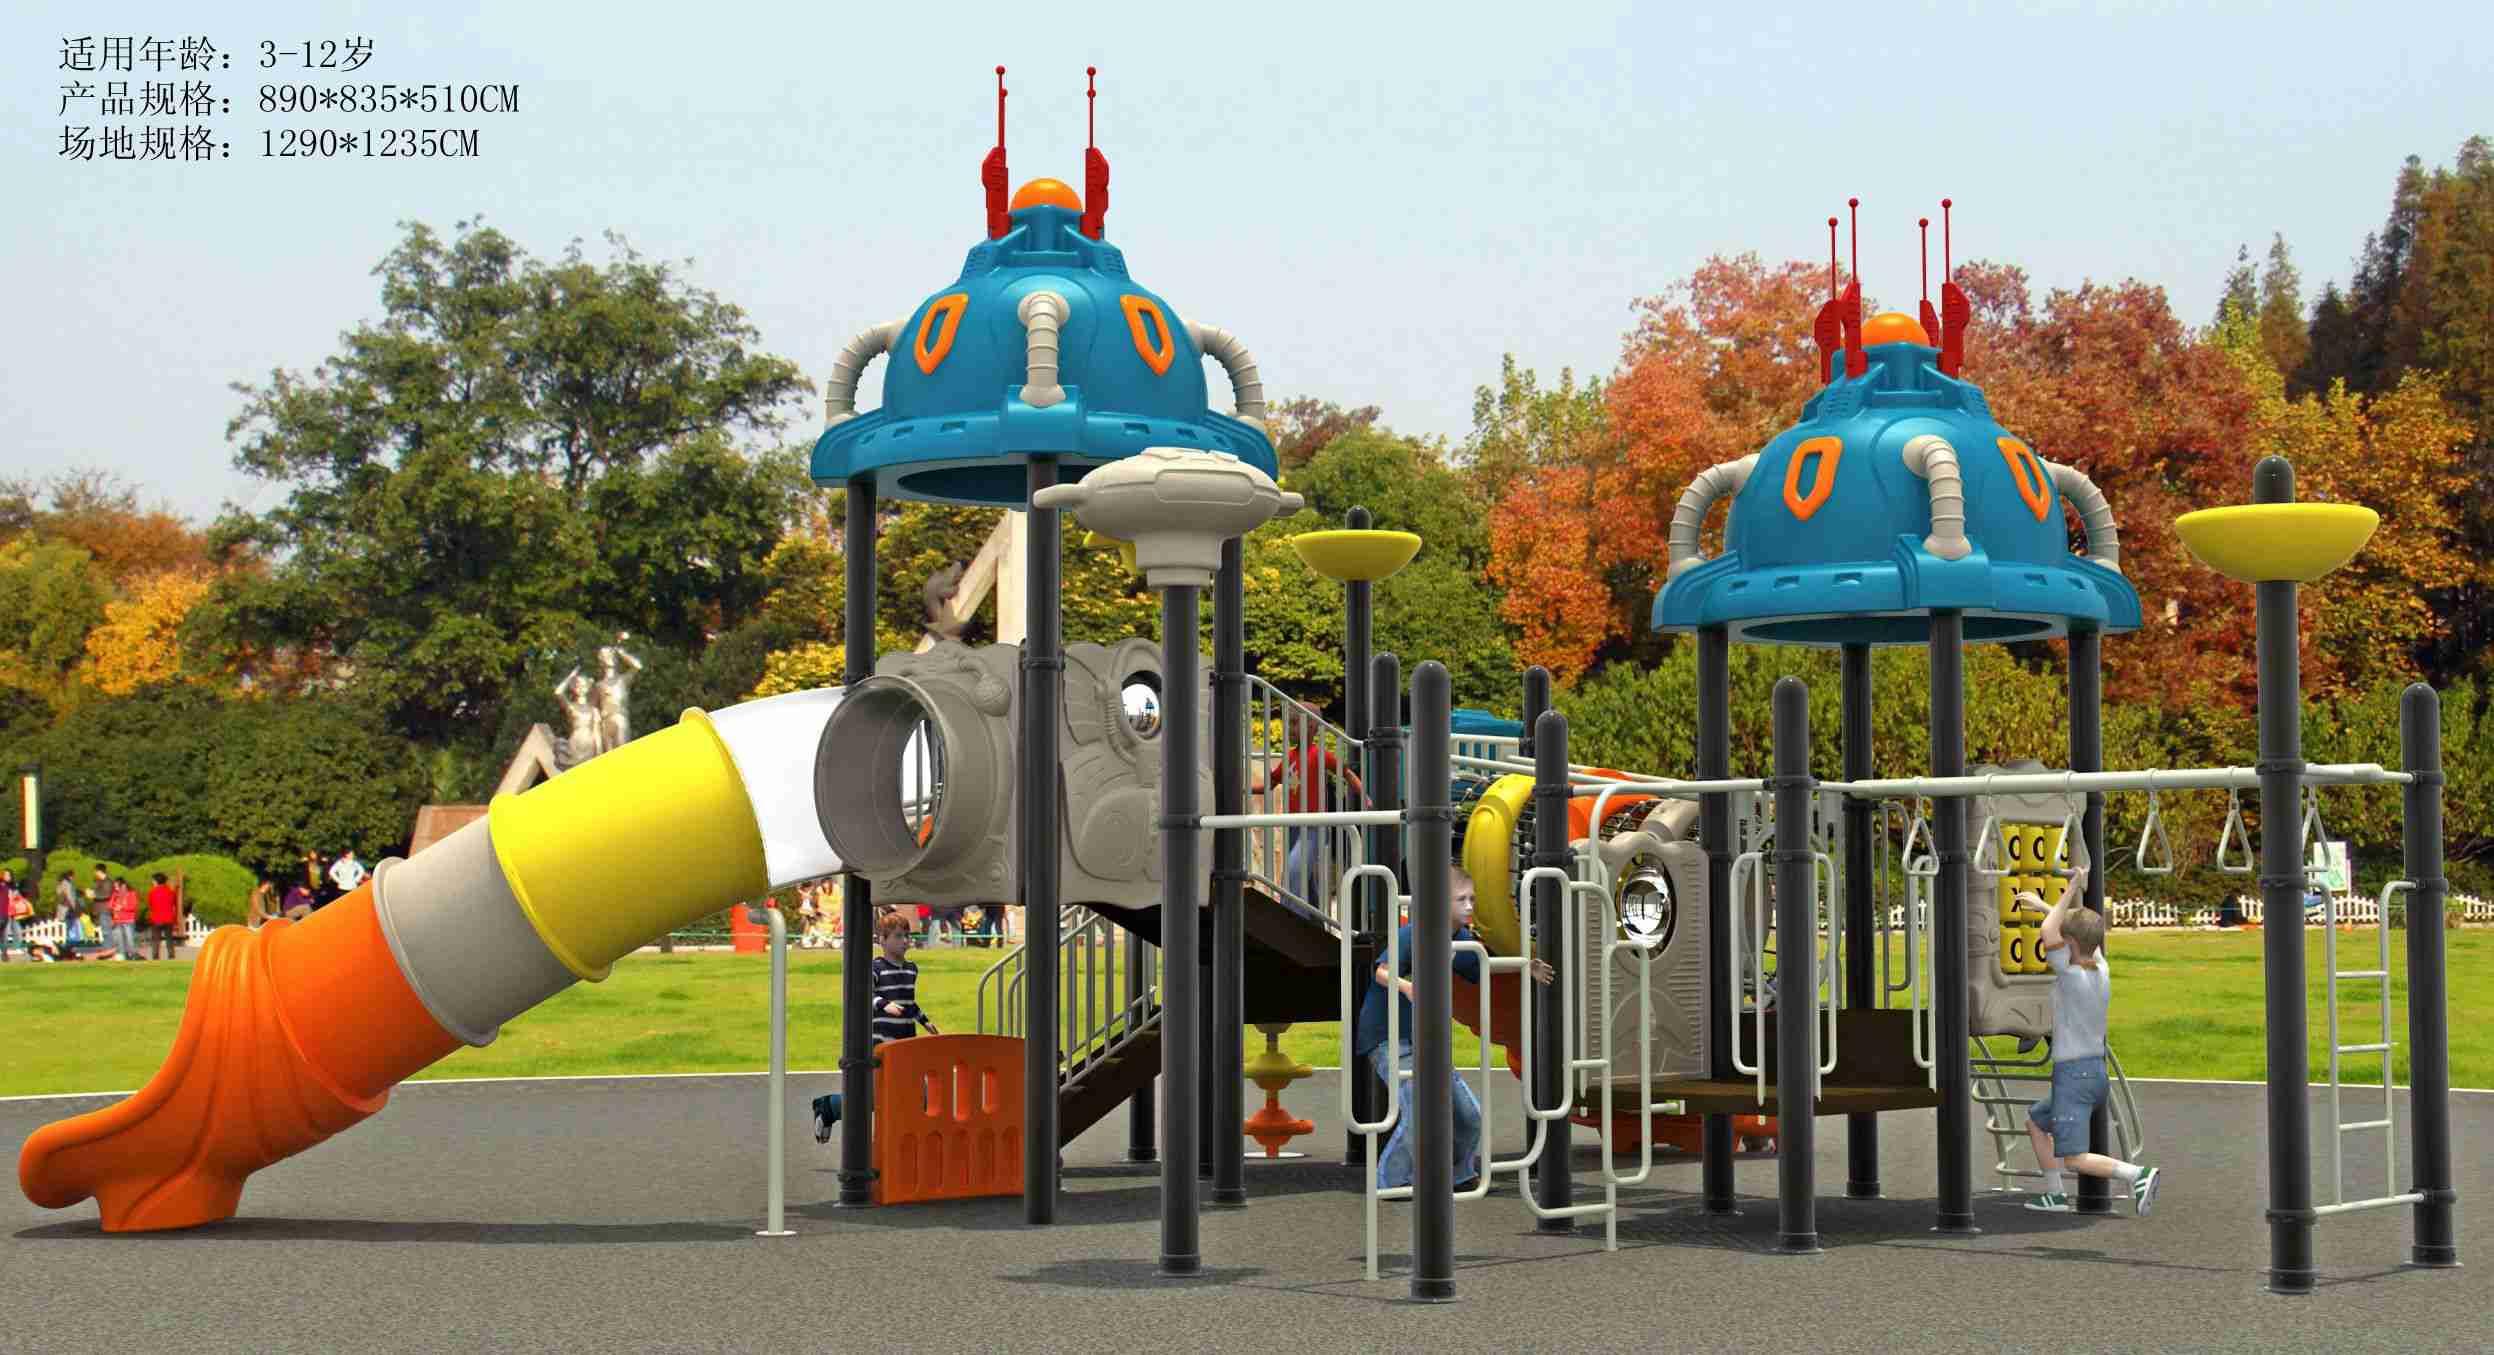 吉安童乐设备儿童游乐设备分类非动力设备及动力设备